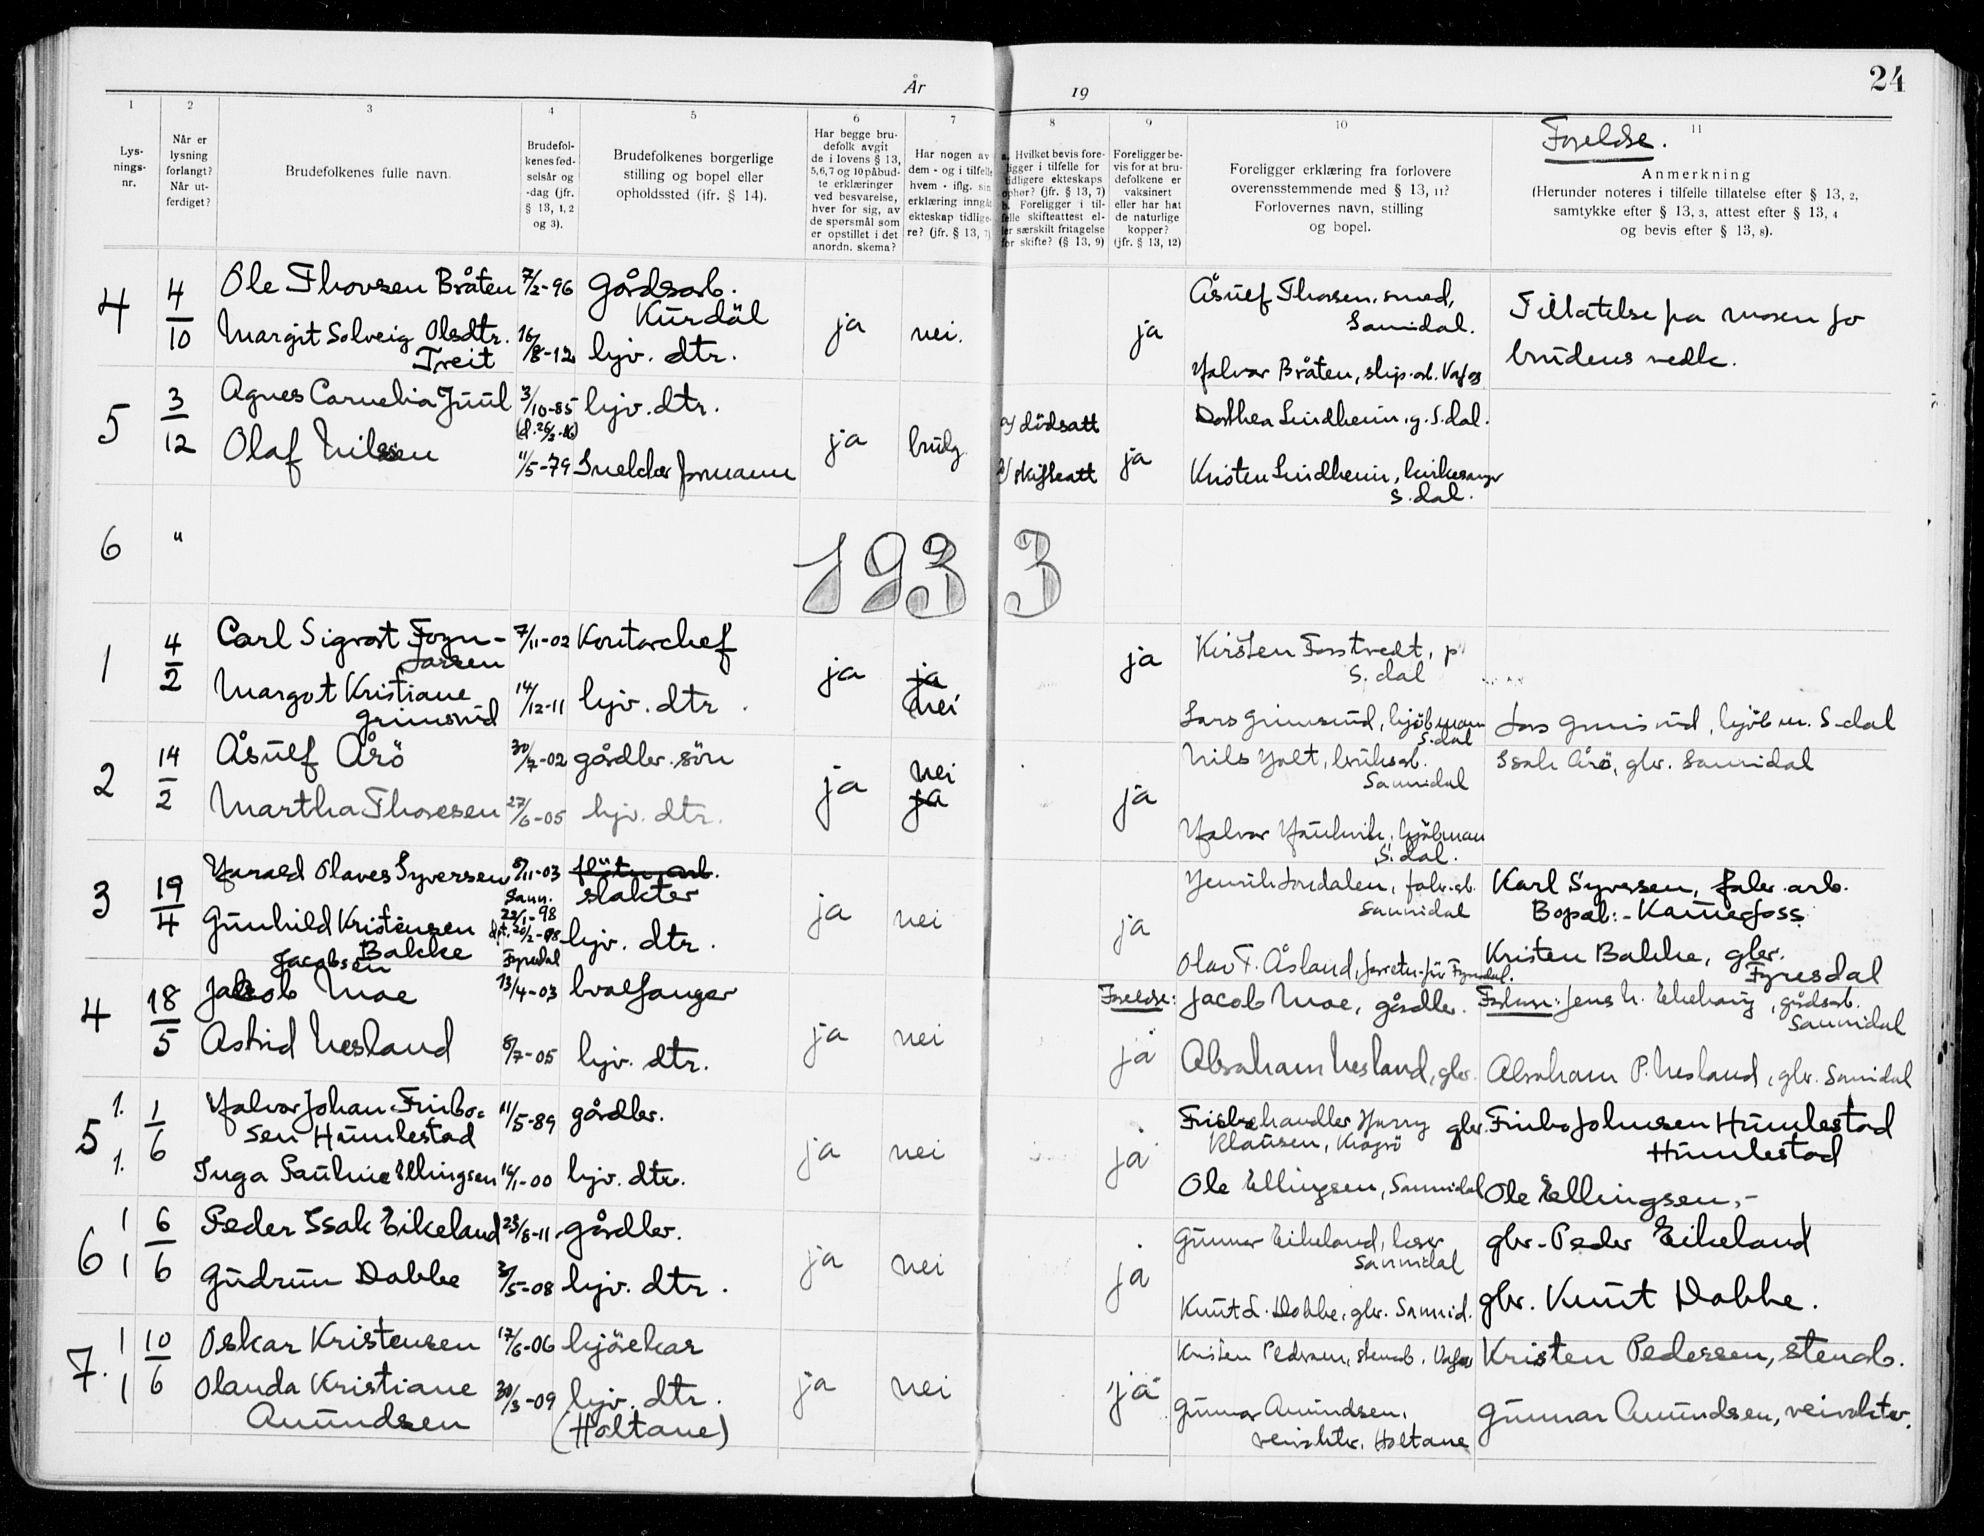 SAKO, Sannidal kirkebøker, H/Ha/L0002: Lysningsprotokoll nr. 2, 1919-1942, s. 24